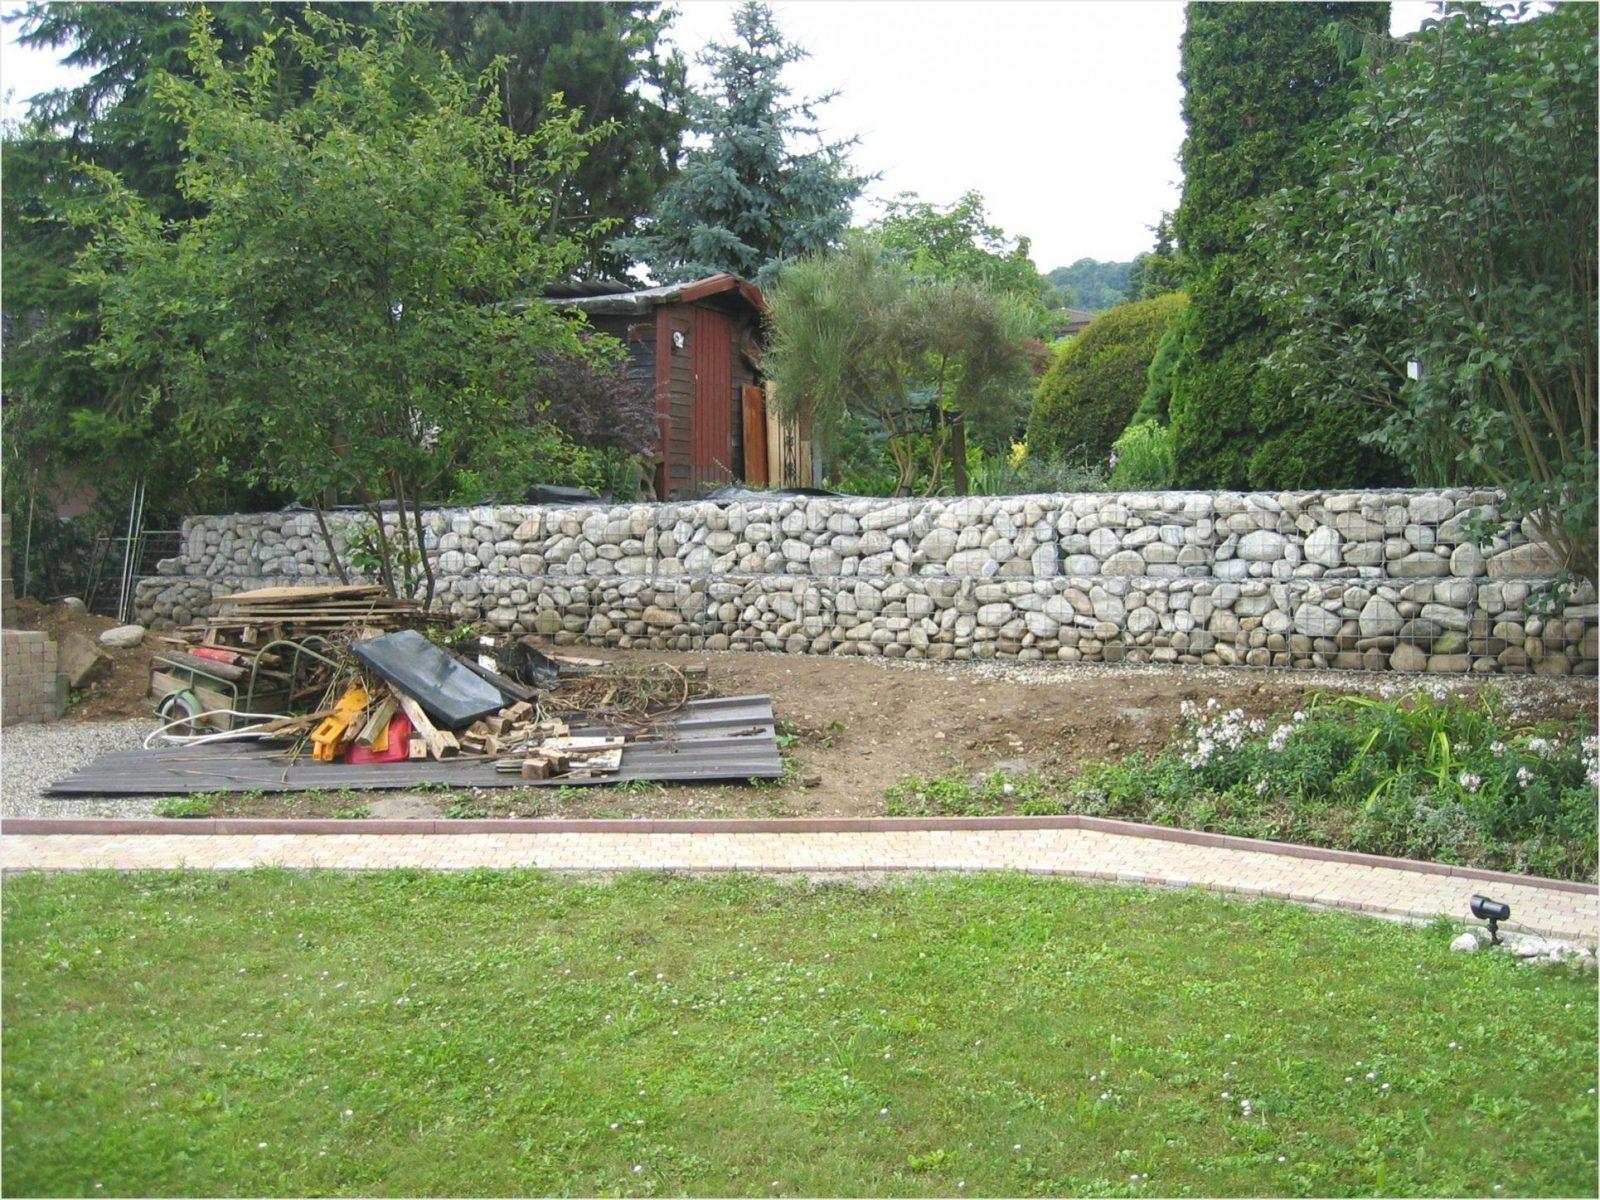 Steinmauer Garten Awesome Modelle Oben Steinmauer Garten Garten von Steinmauer Garten Selber Bauen Bild